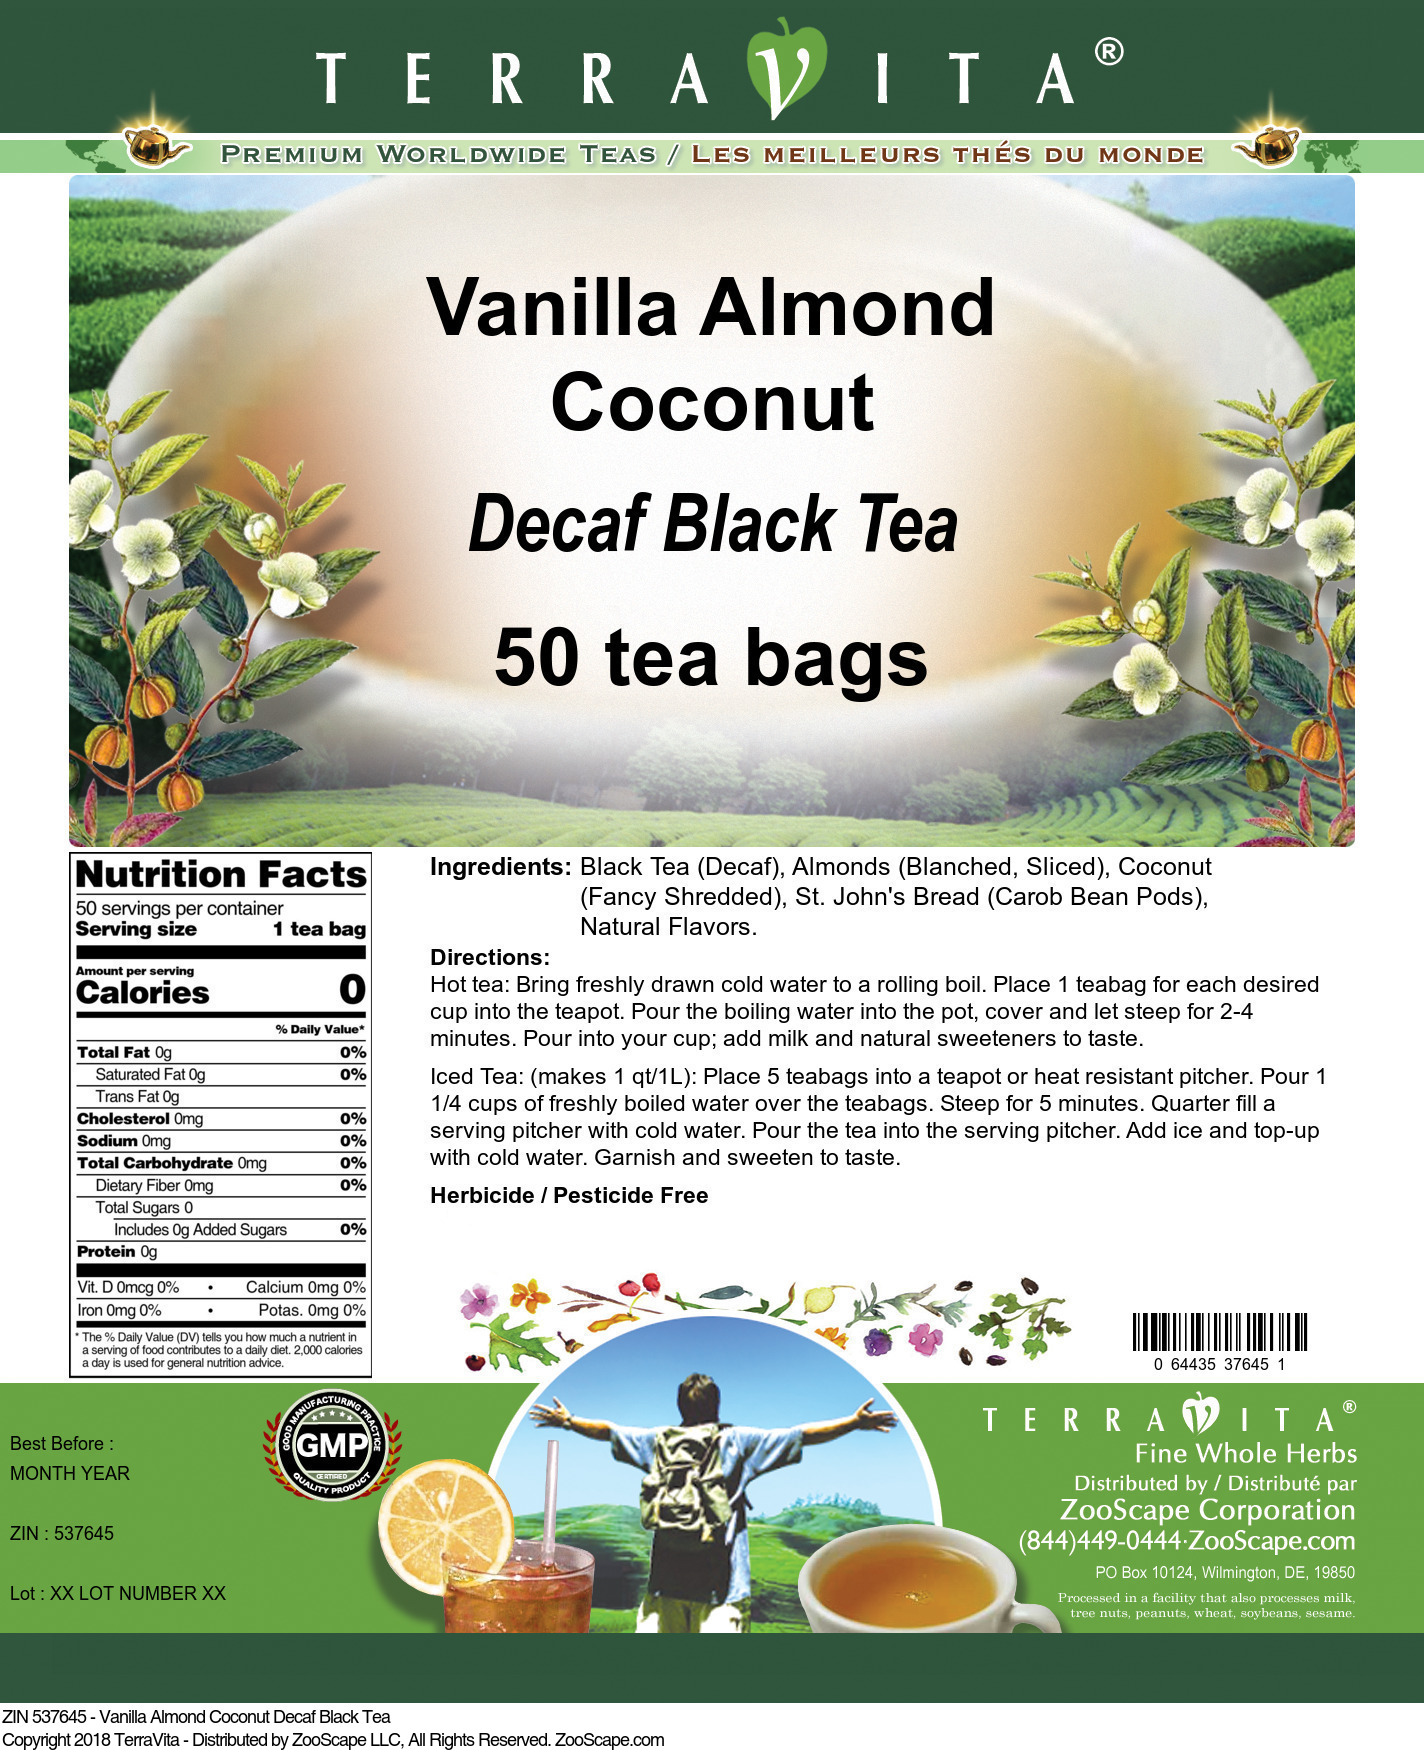 Vanilla Almond Coconut Decaf Black Tea